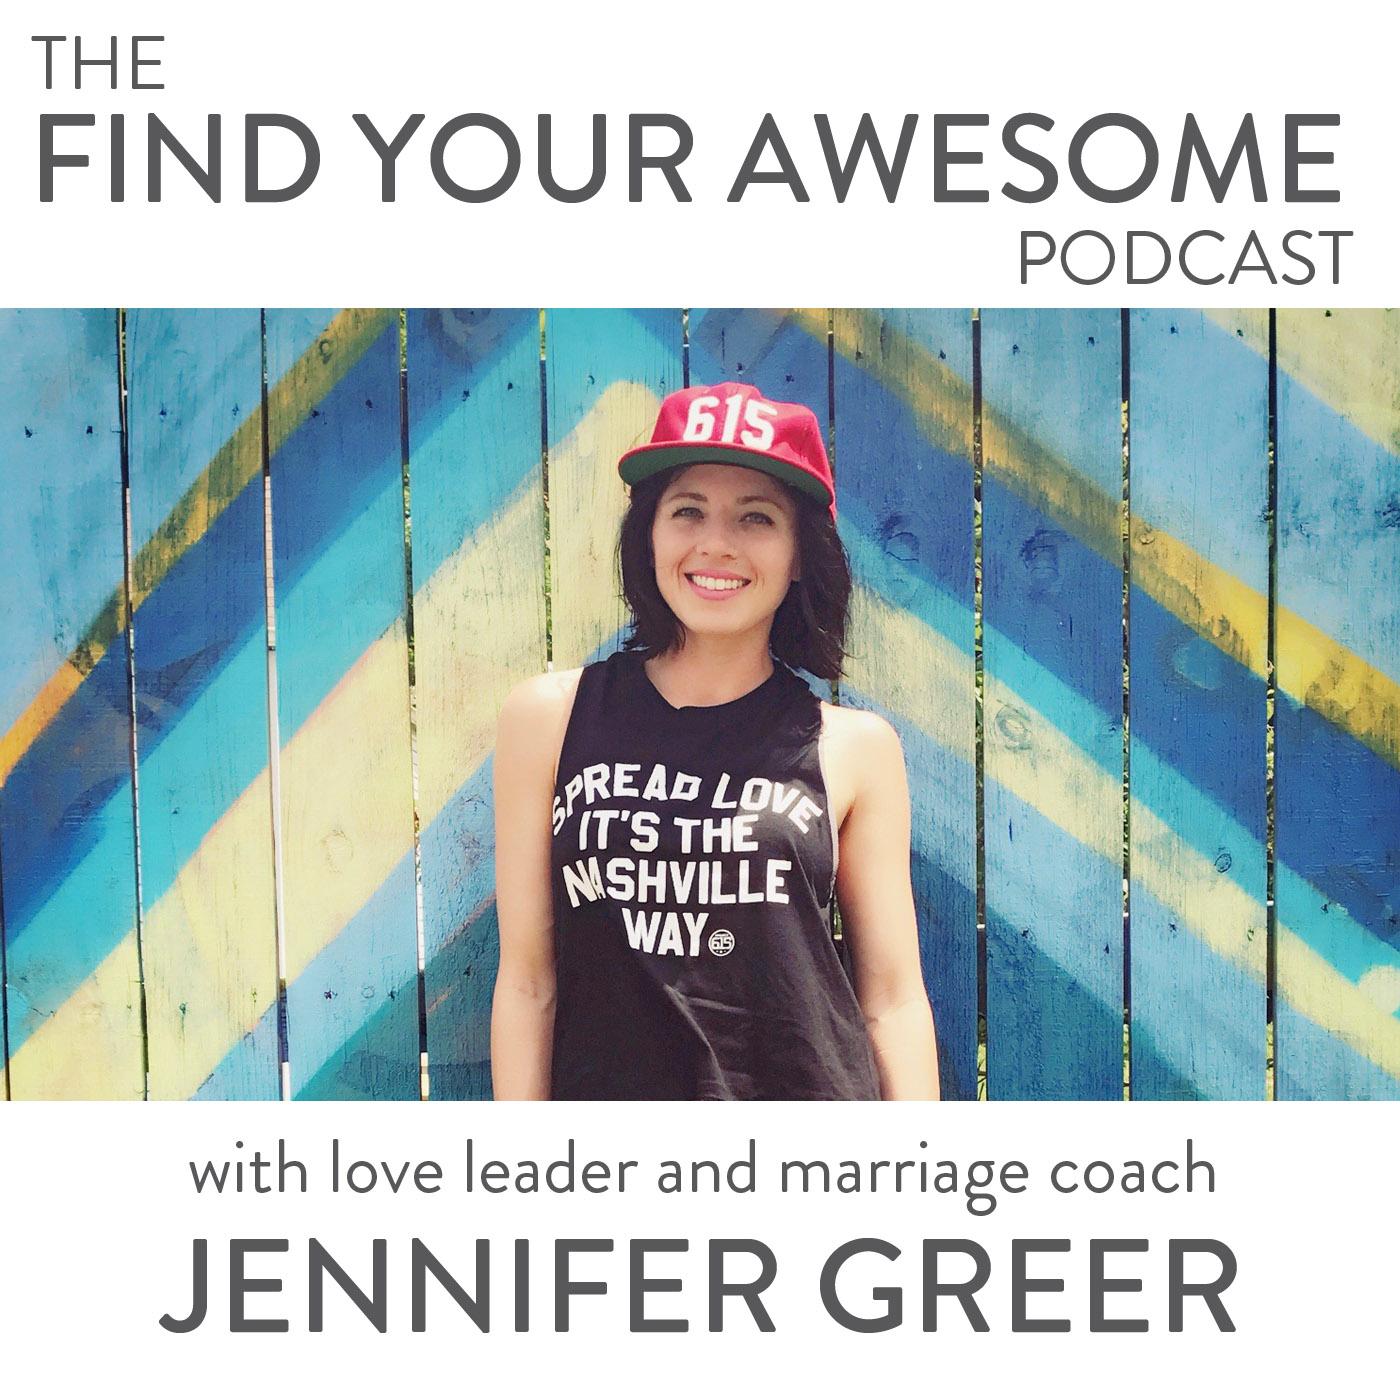 JenniferGreer_podcast_coverart.jpg